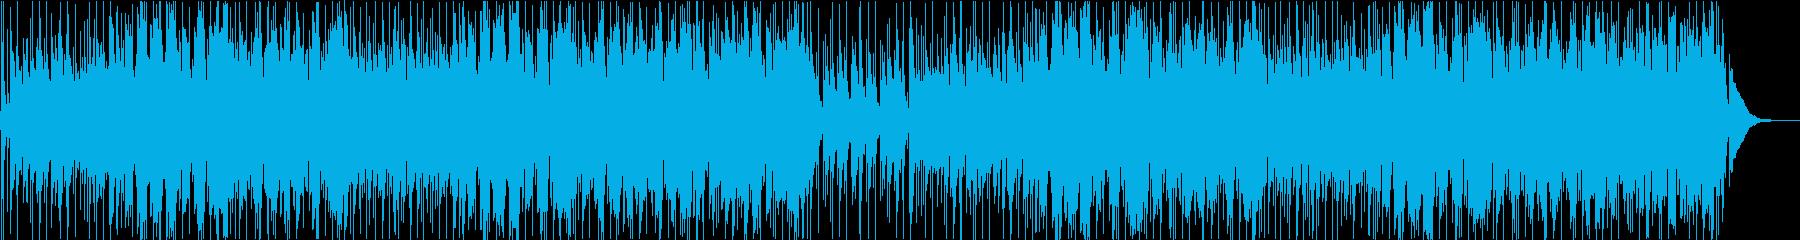 午後のまったりチルタイムに/ボサノバの再生済みの波形